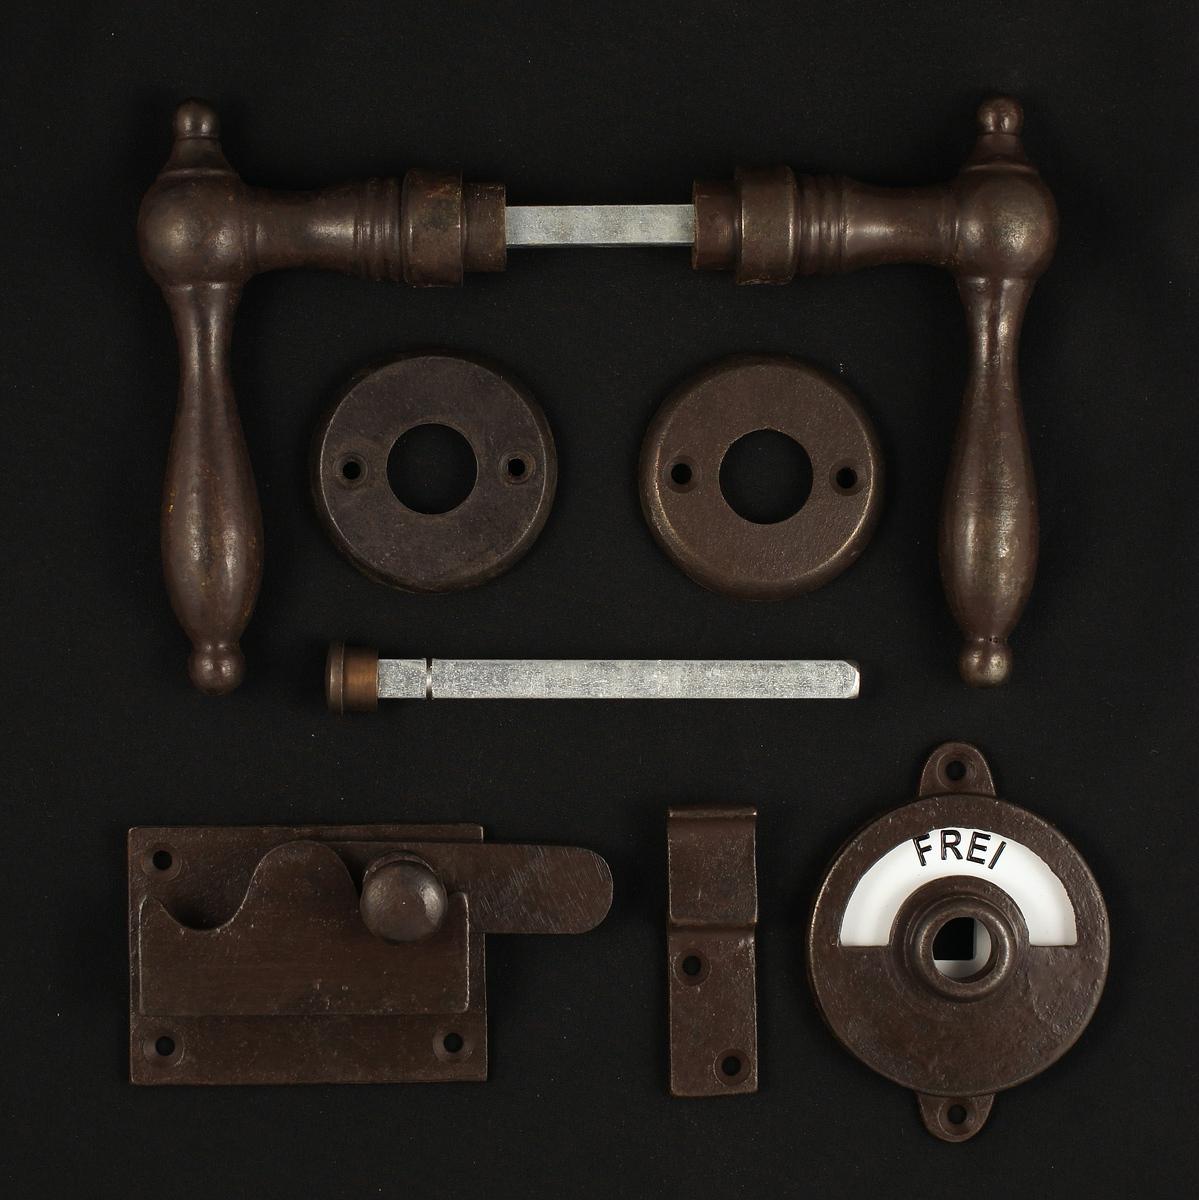 341.0090.60 WC-Zimmertür Rosettengarnitur - antike Türdrücker, Türklinken, Türbeschläge